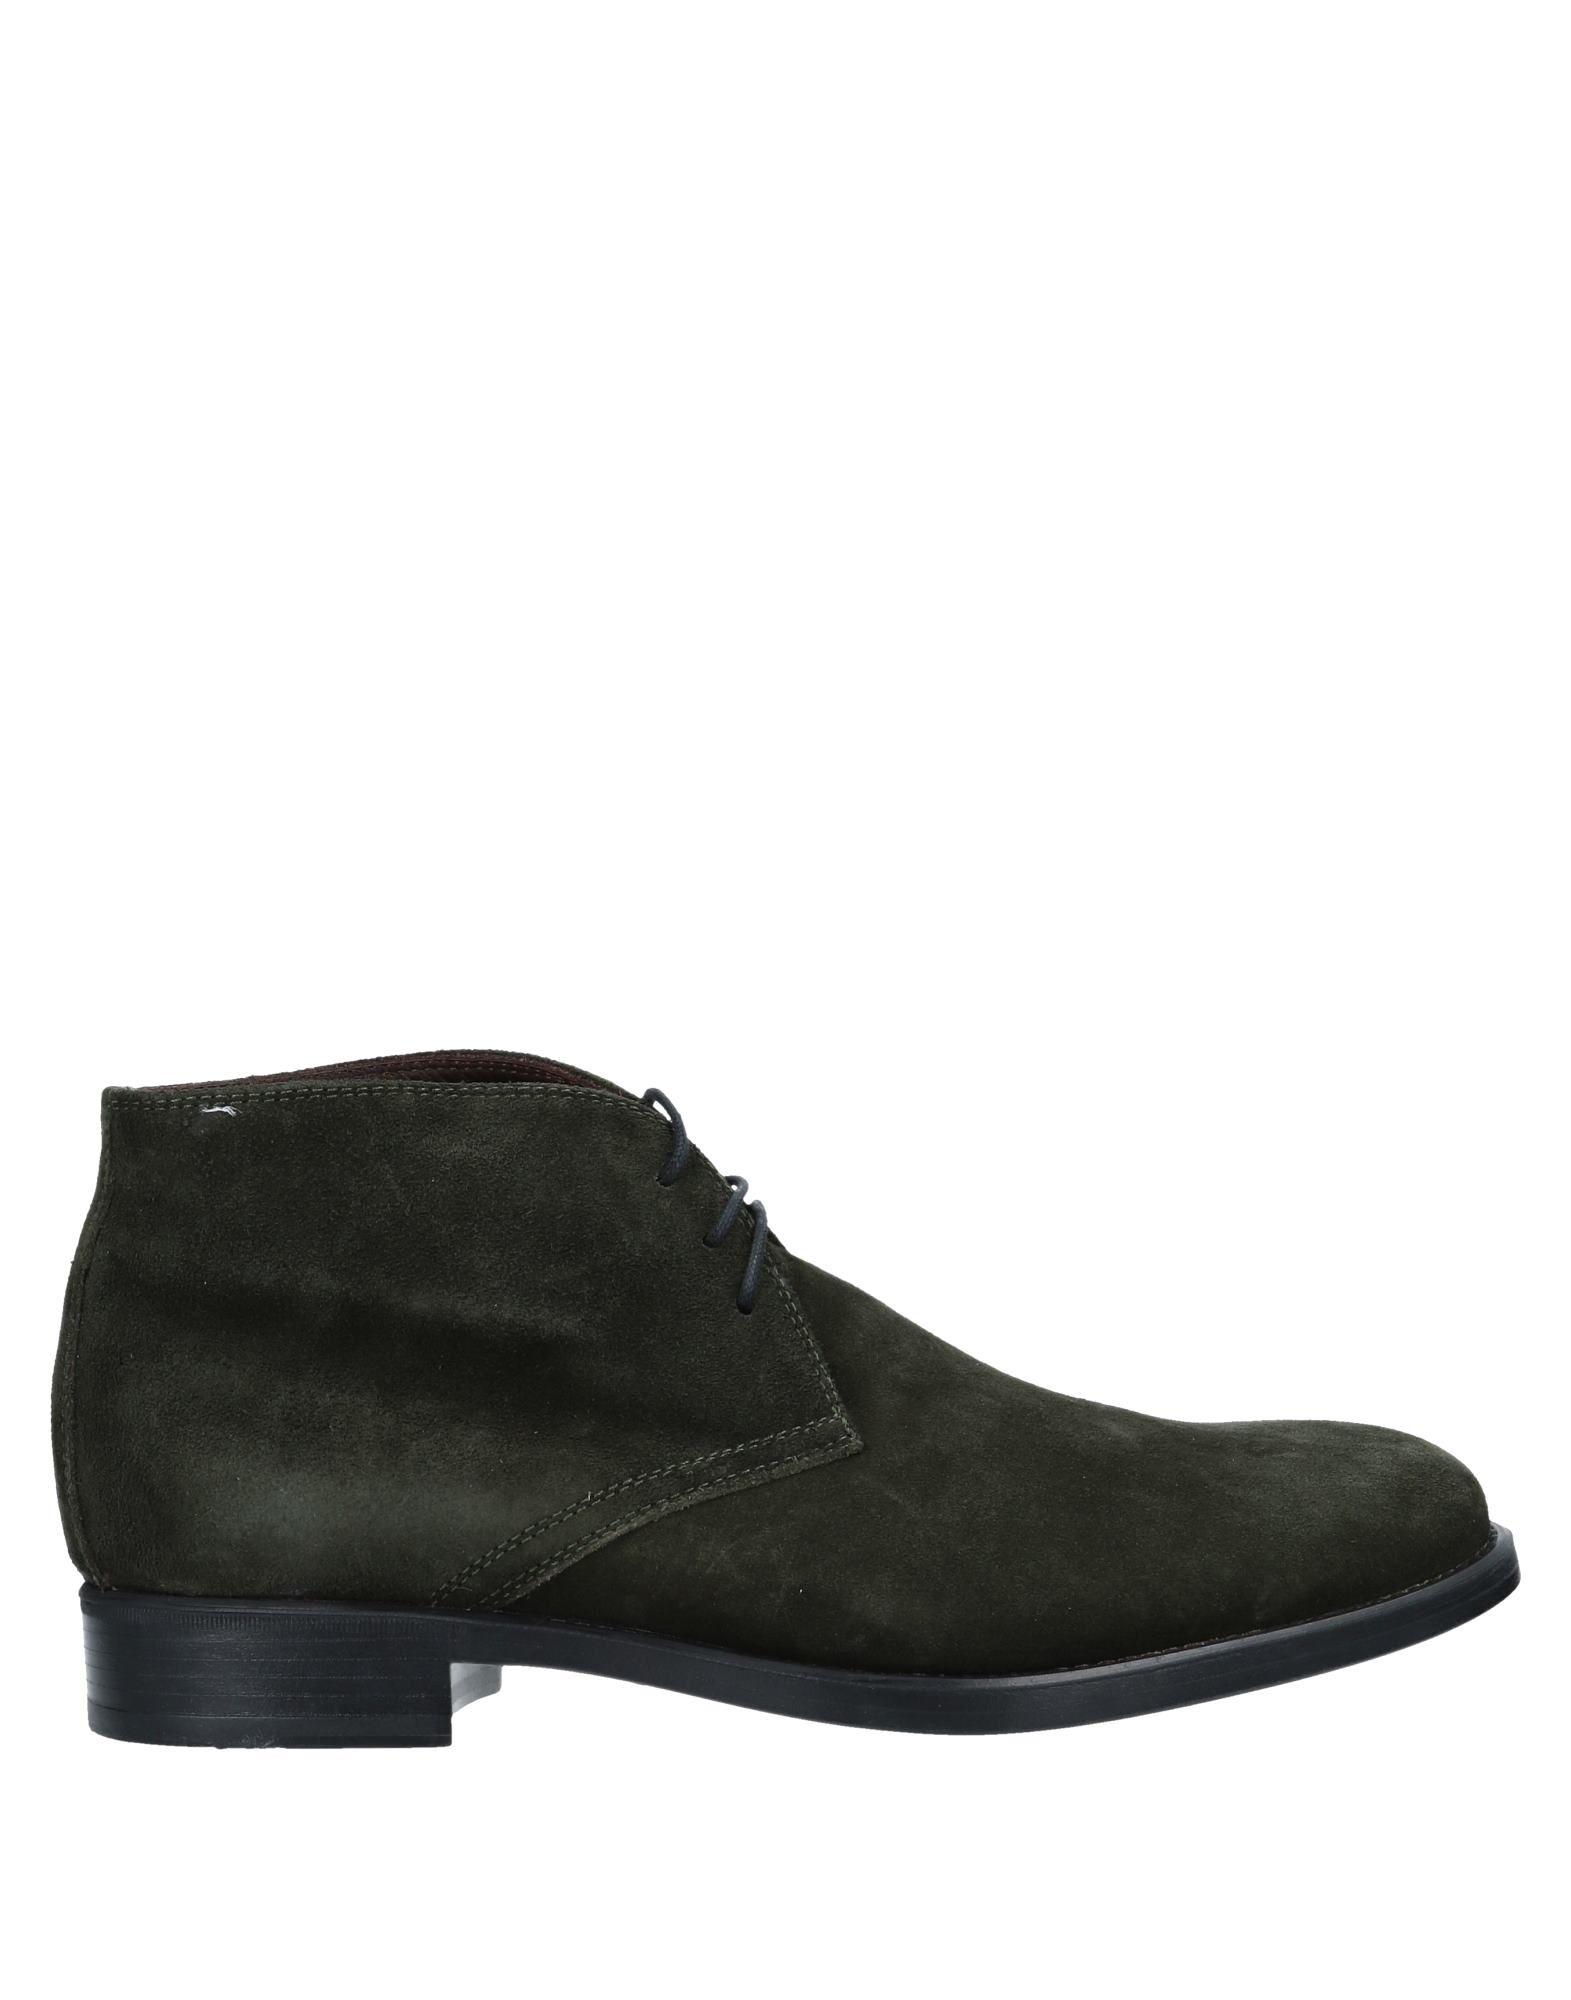 Rabatt echte Schuhe Lorenzo Corsini Stiefelette Herren  11547142PJ